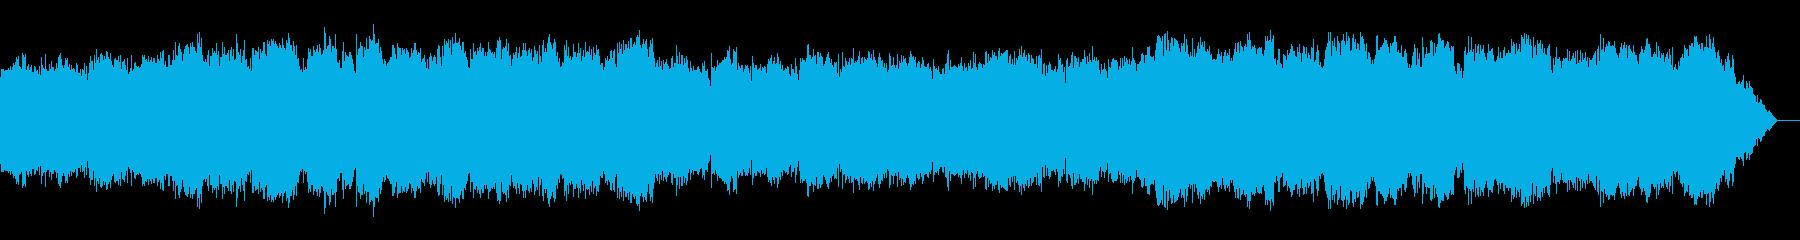 ピアノとシンセと笛のリラックスサウンドの再生済みの波形